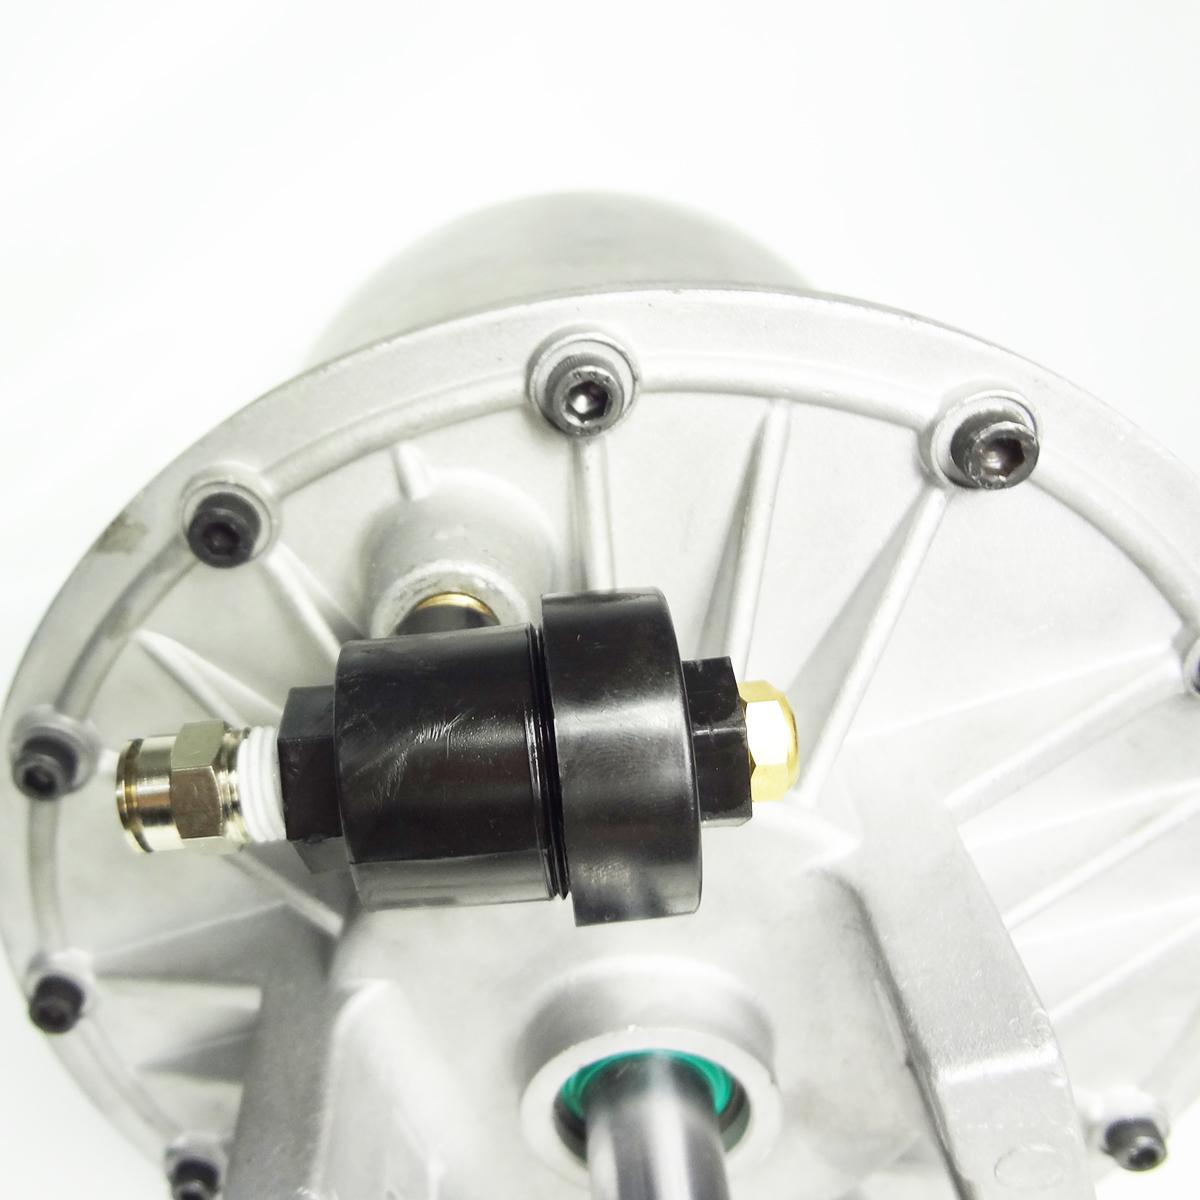 coats  tire changer quick relief valve bead breaker